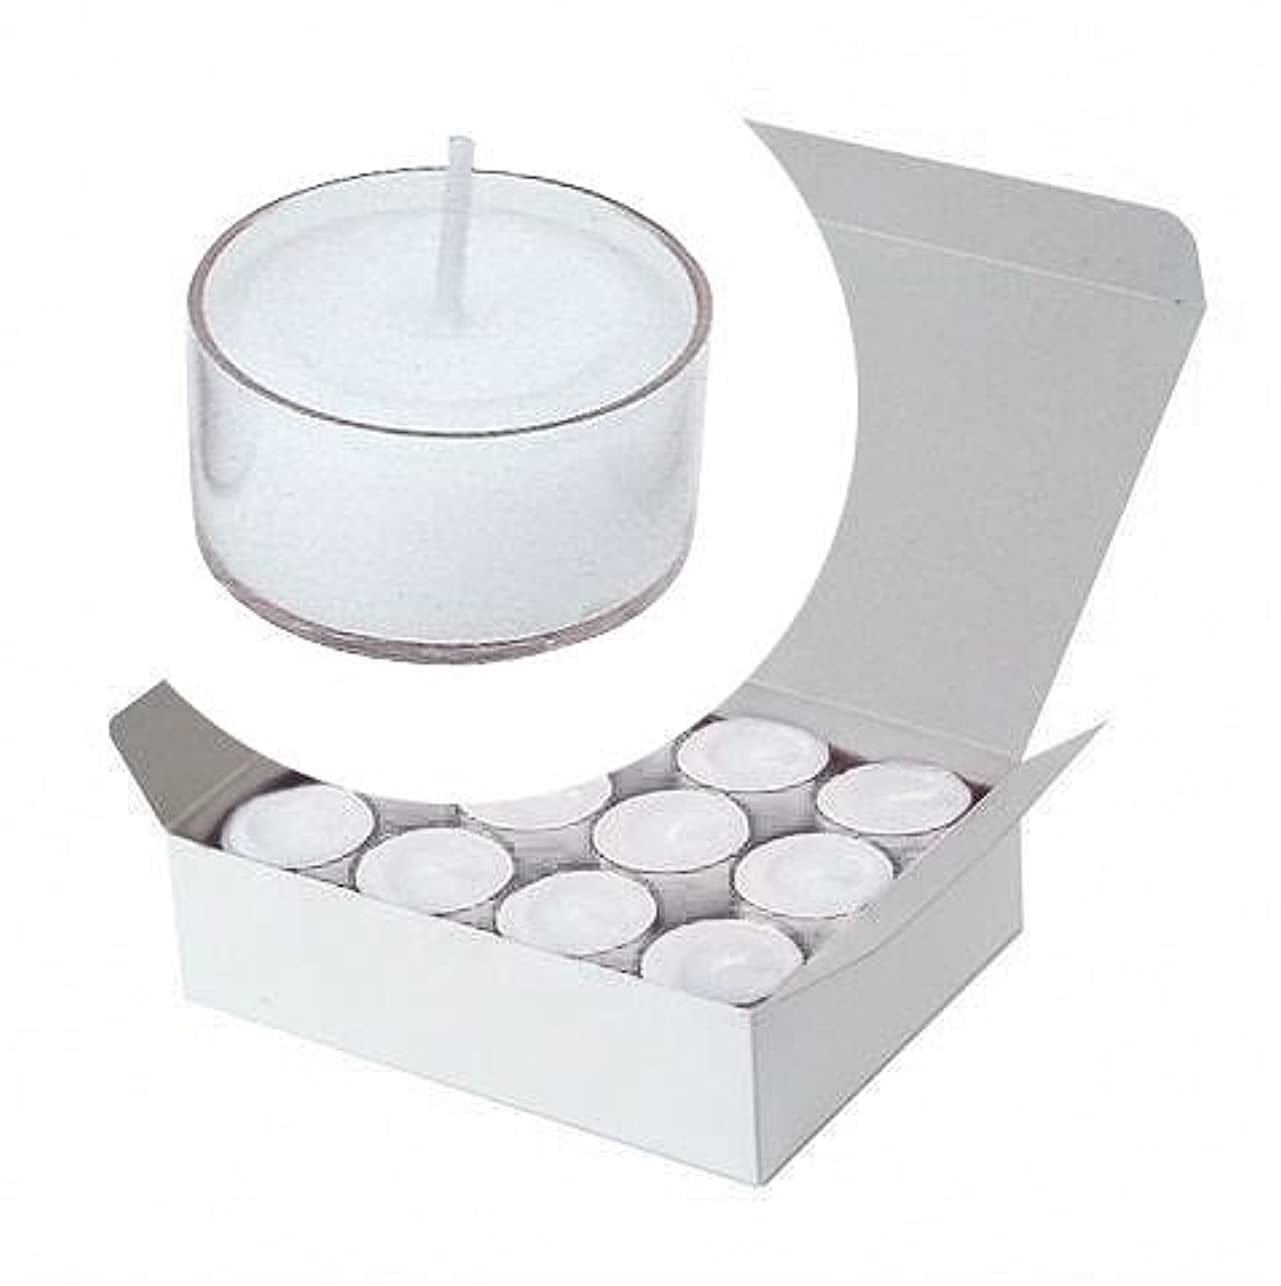 妖精安定器具カメヤマキャンドル(kameyama candle) クリアカップティーライト24個入り 「 クリア 」